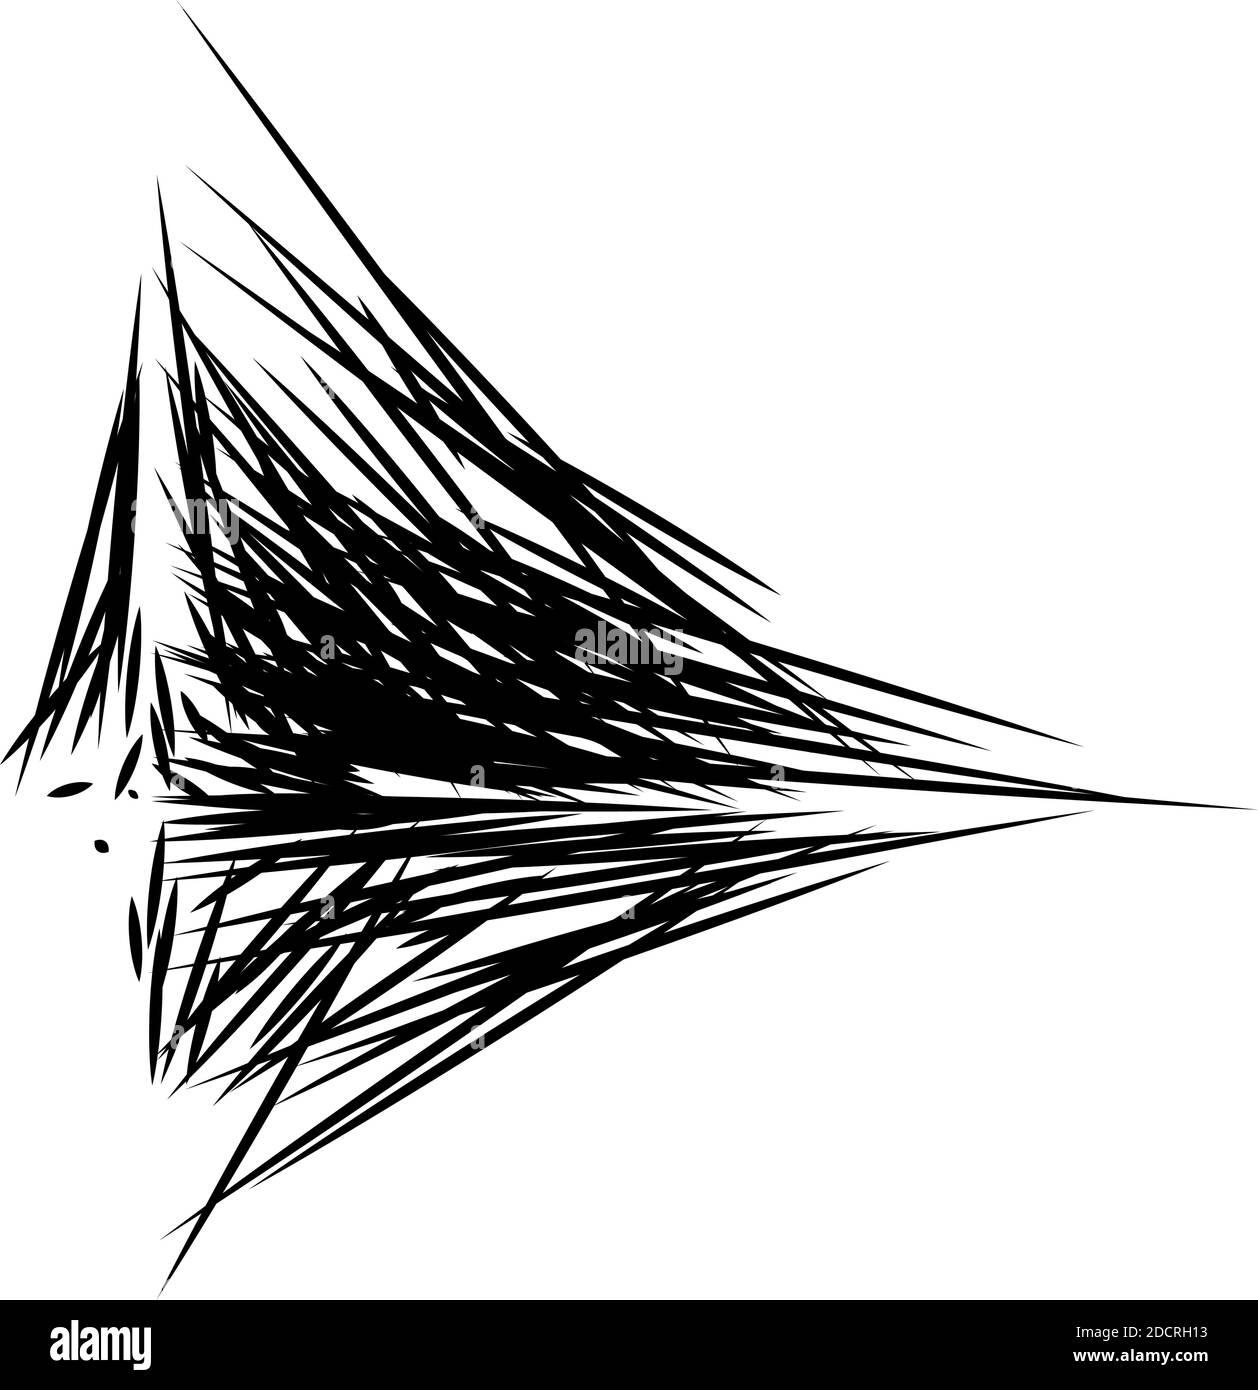 Formazione astratta composta da linee casuali. Elemento Art astratto. Bianco e nero: Illustrazione vettoriale senza royalty, clip-art Illustrazione Vettoriale